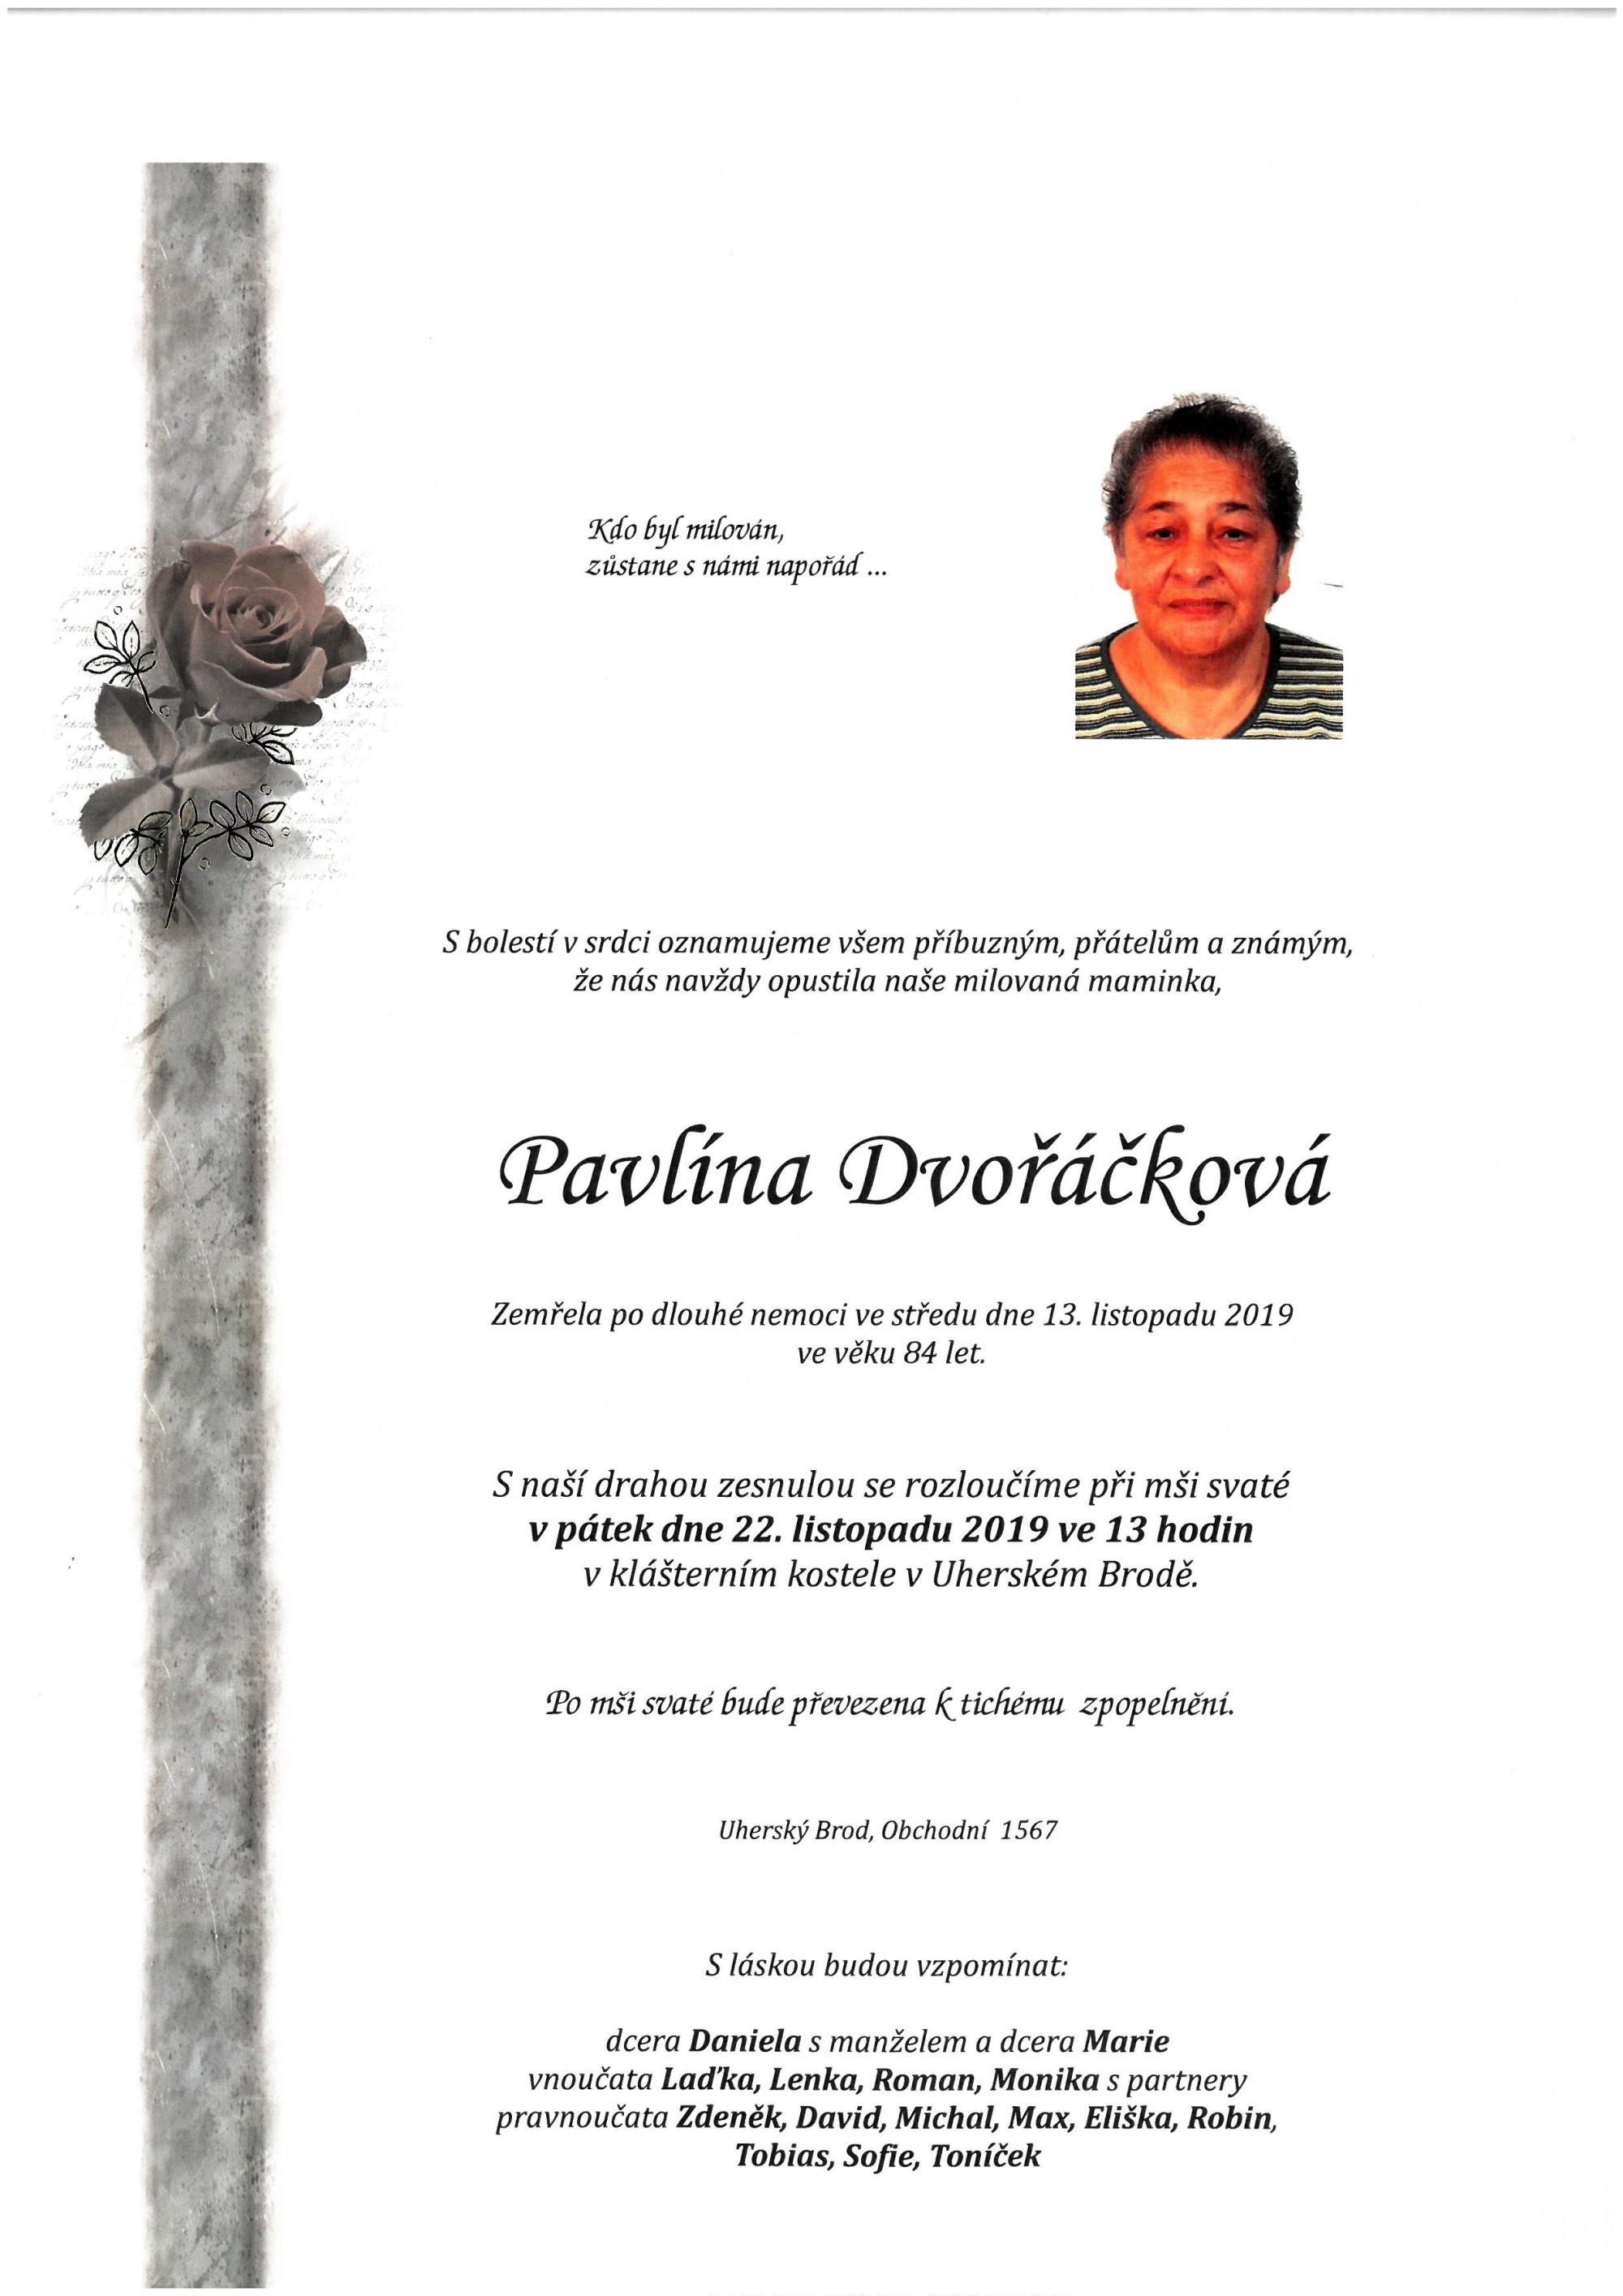 Pavlína Dvořáčková